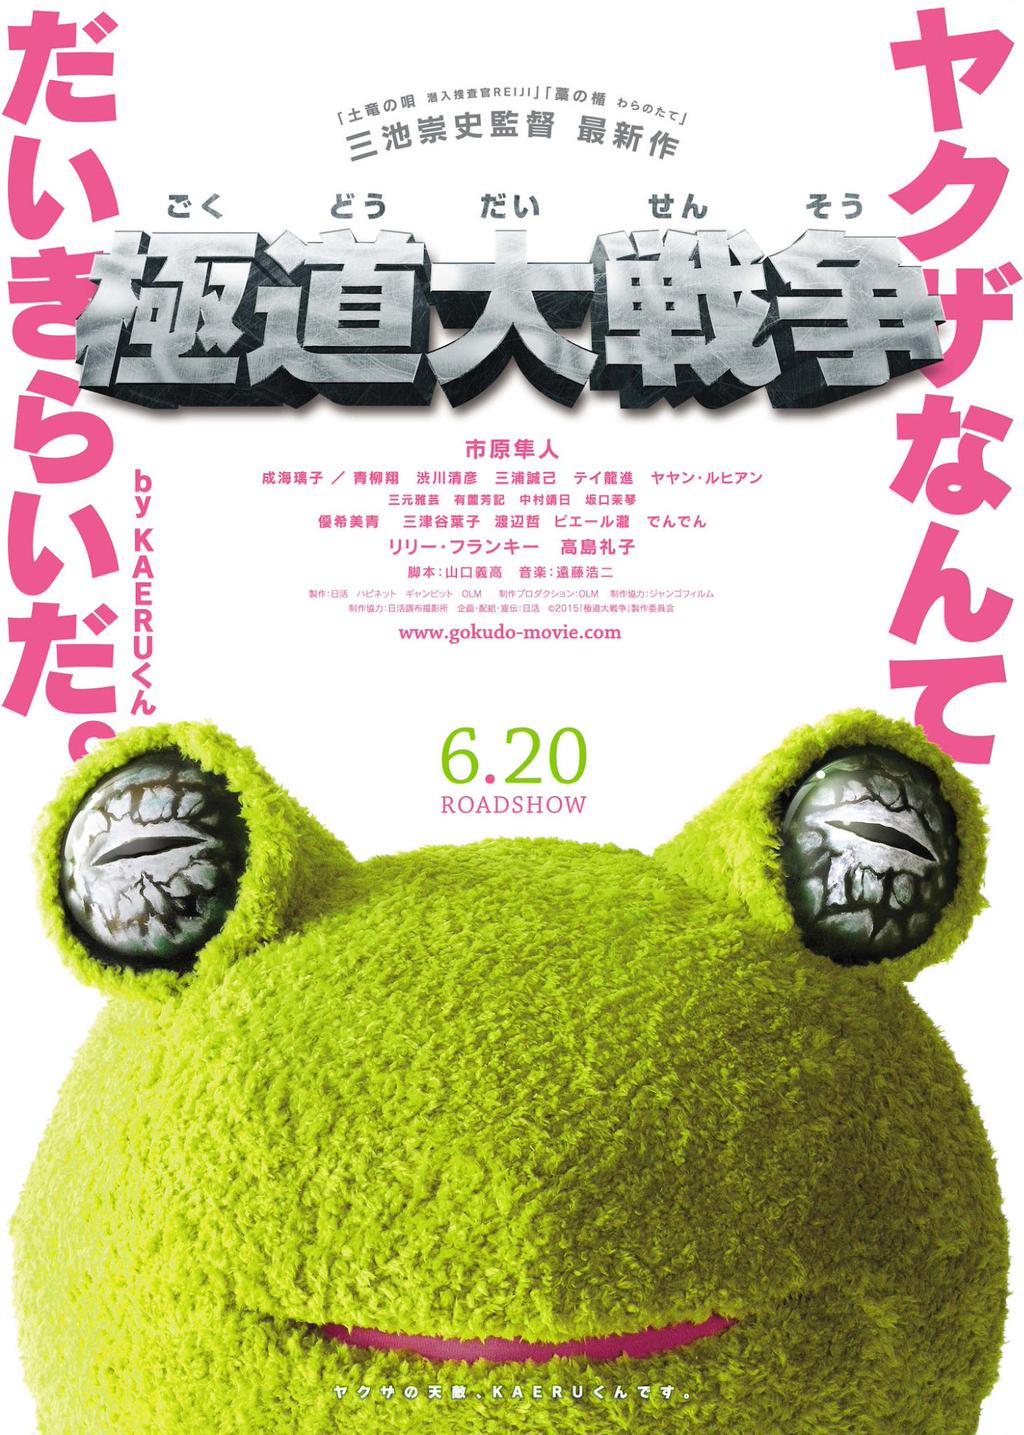 yakuza_apocalypse_poster_2015_01.jpg